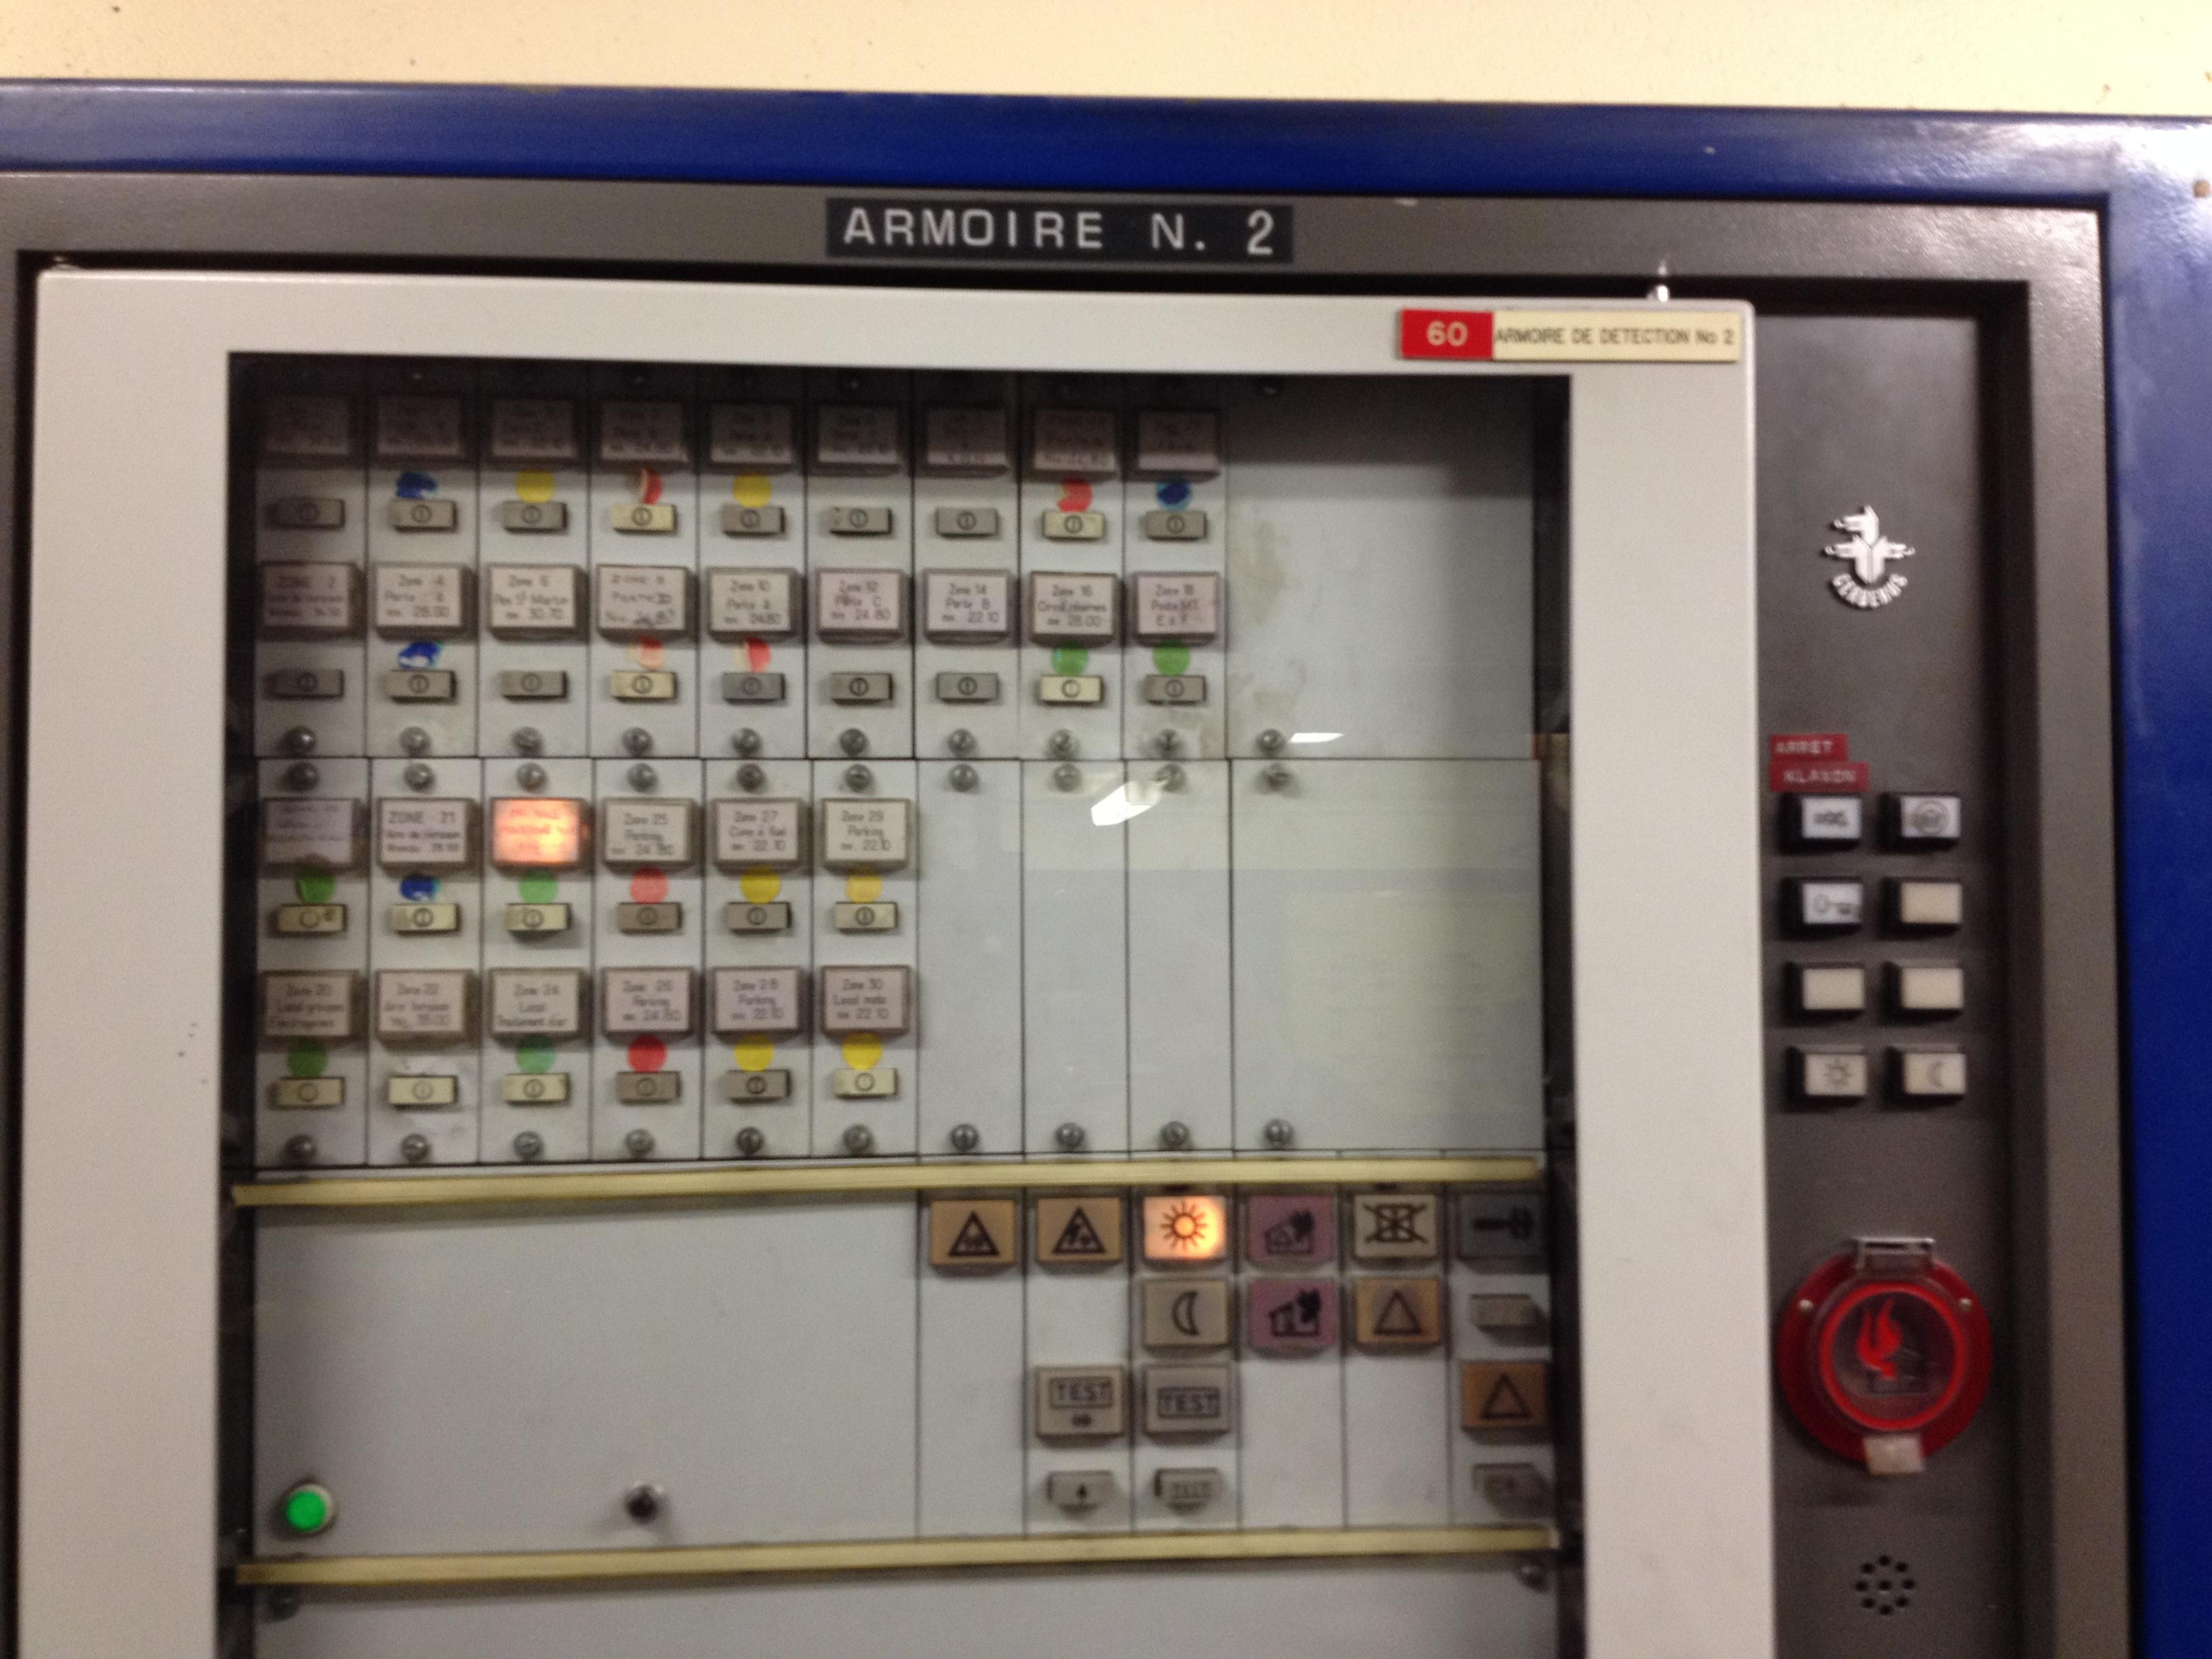 Un des éléments du SSI (Système de Sécurité Incendie) des commerces, l'armoire de surveillance des portes coupe-feu asservies à la sécurité incendie. En cas de déclenchement, une alarme sonore retentit.